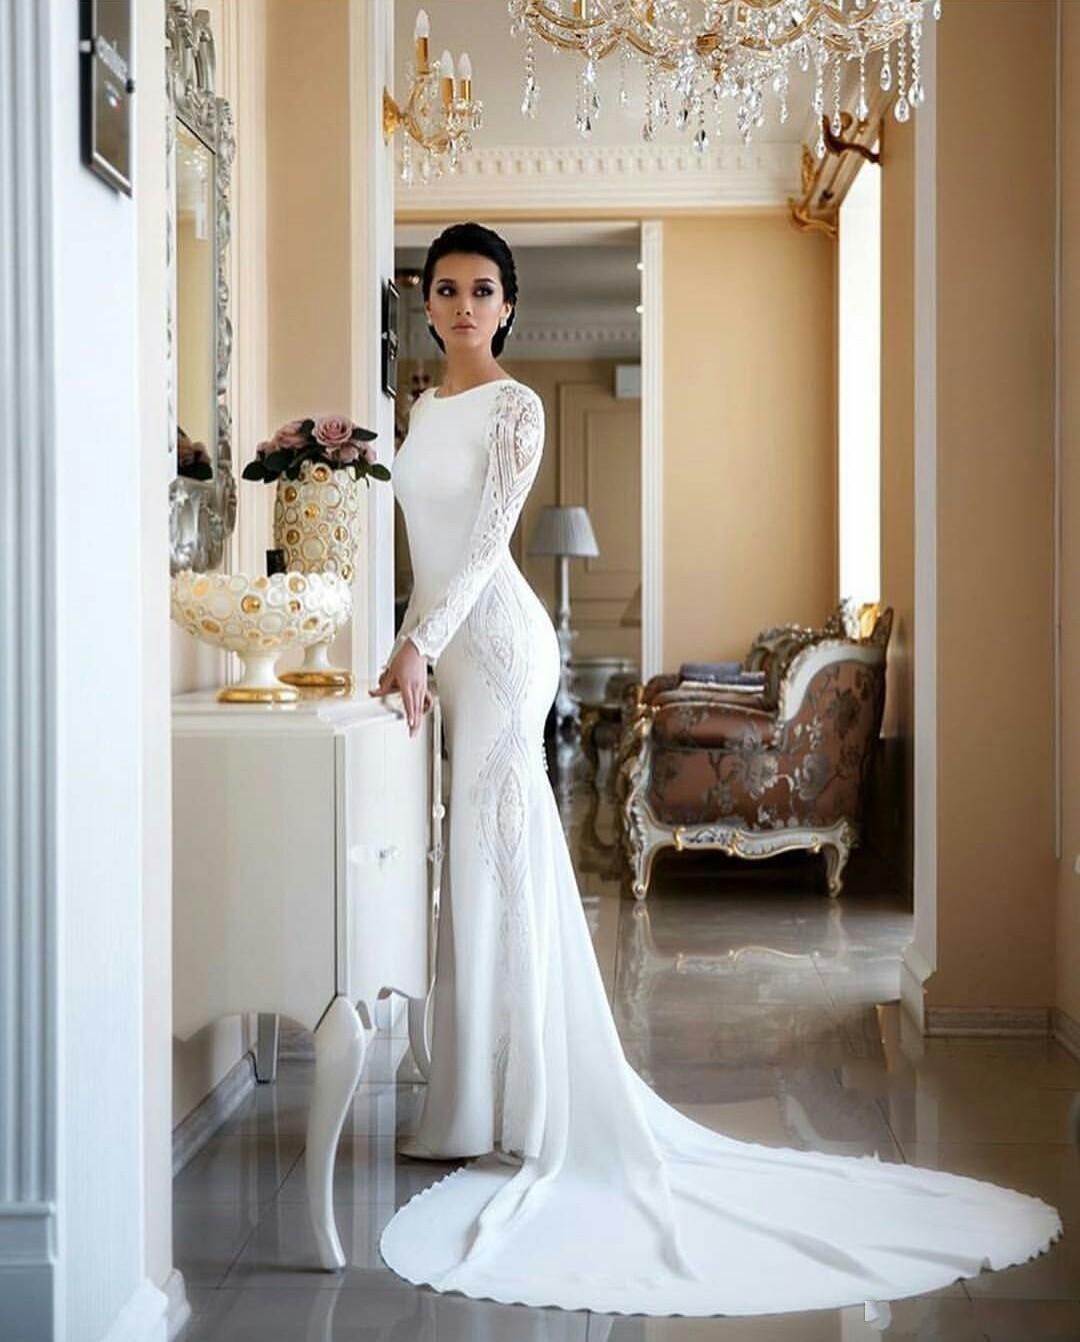 Vintage maniche lunghe della sirena Abiti da sposa Autunno Matrimoni Appliqued merletto in rilievo Paillettes Plus Size Abiti da sposa